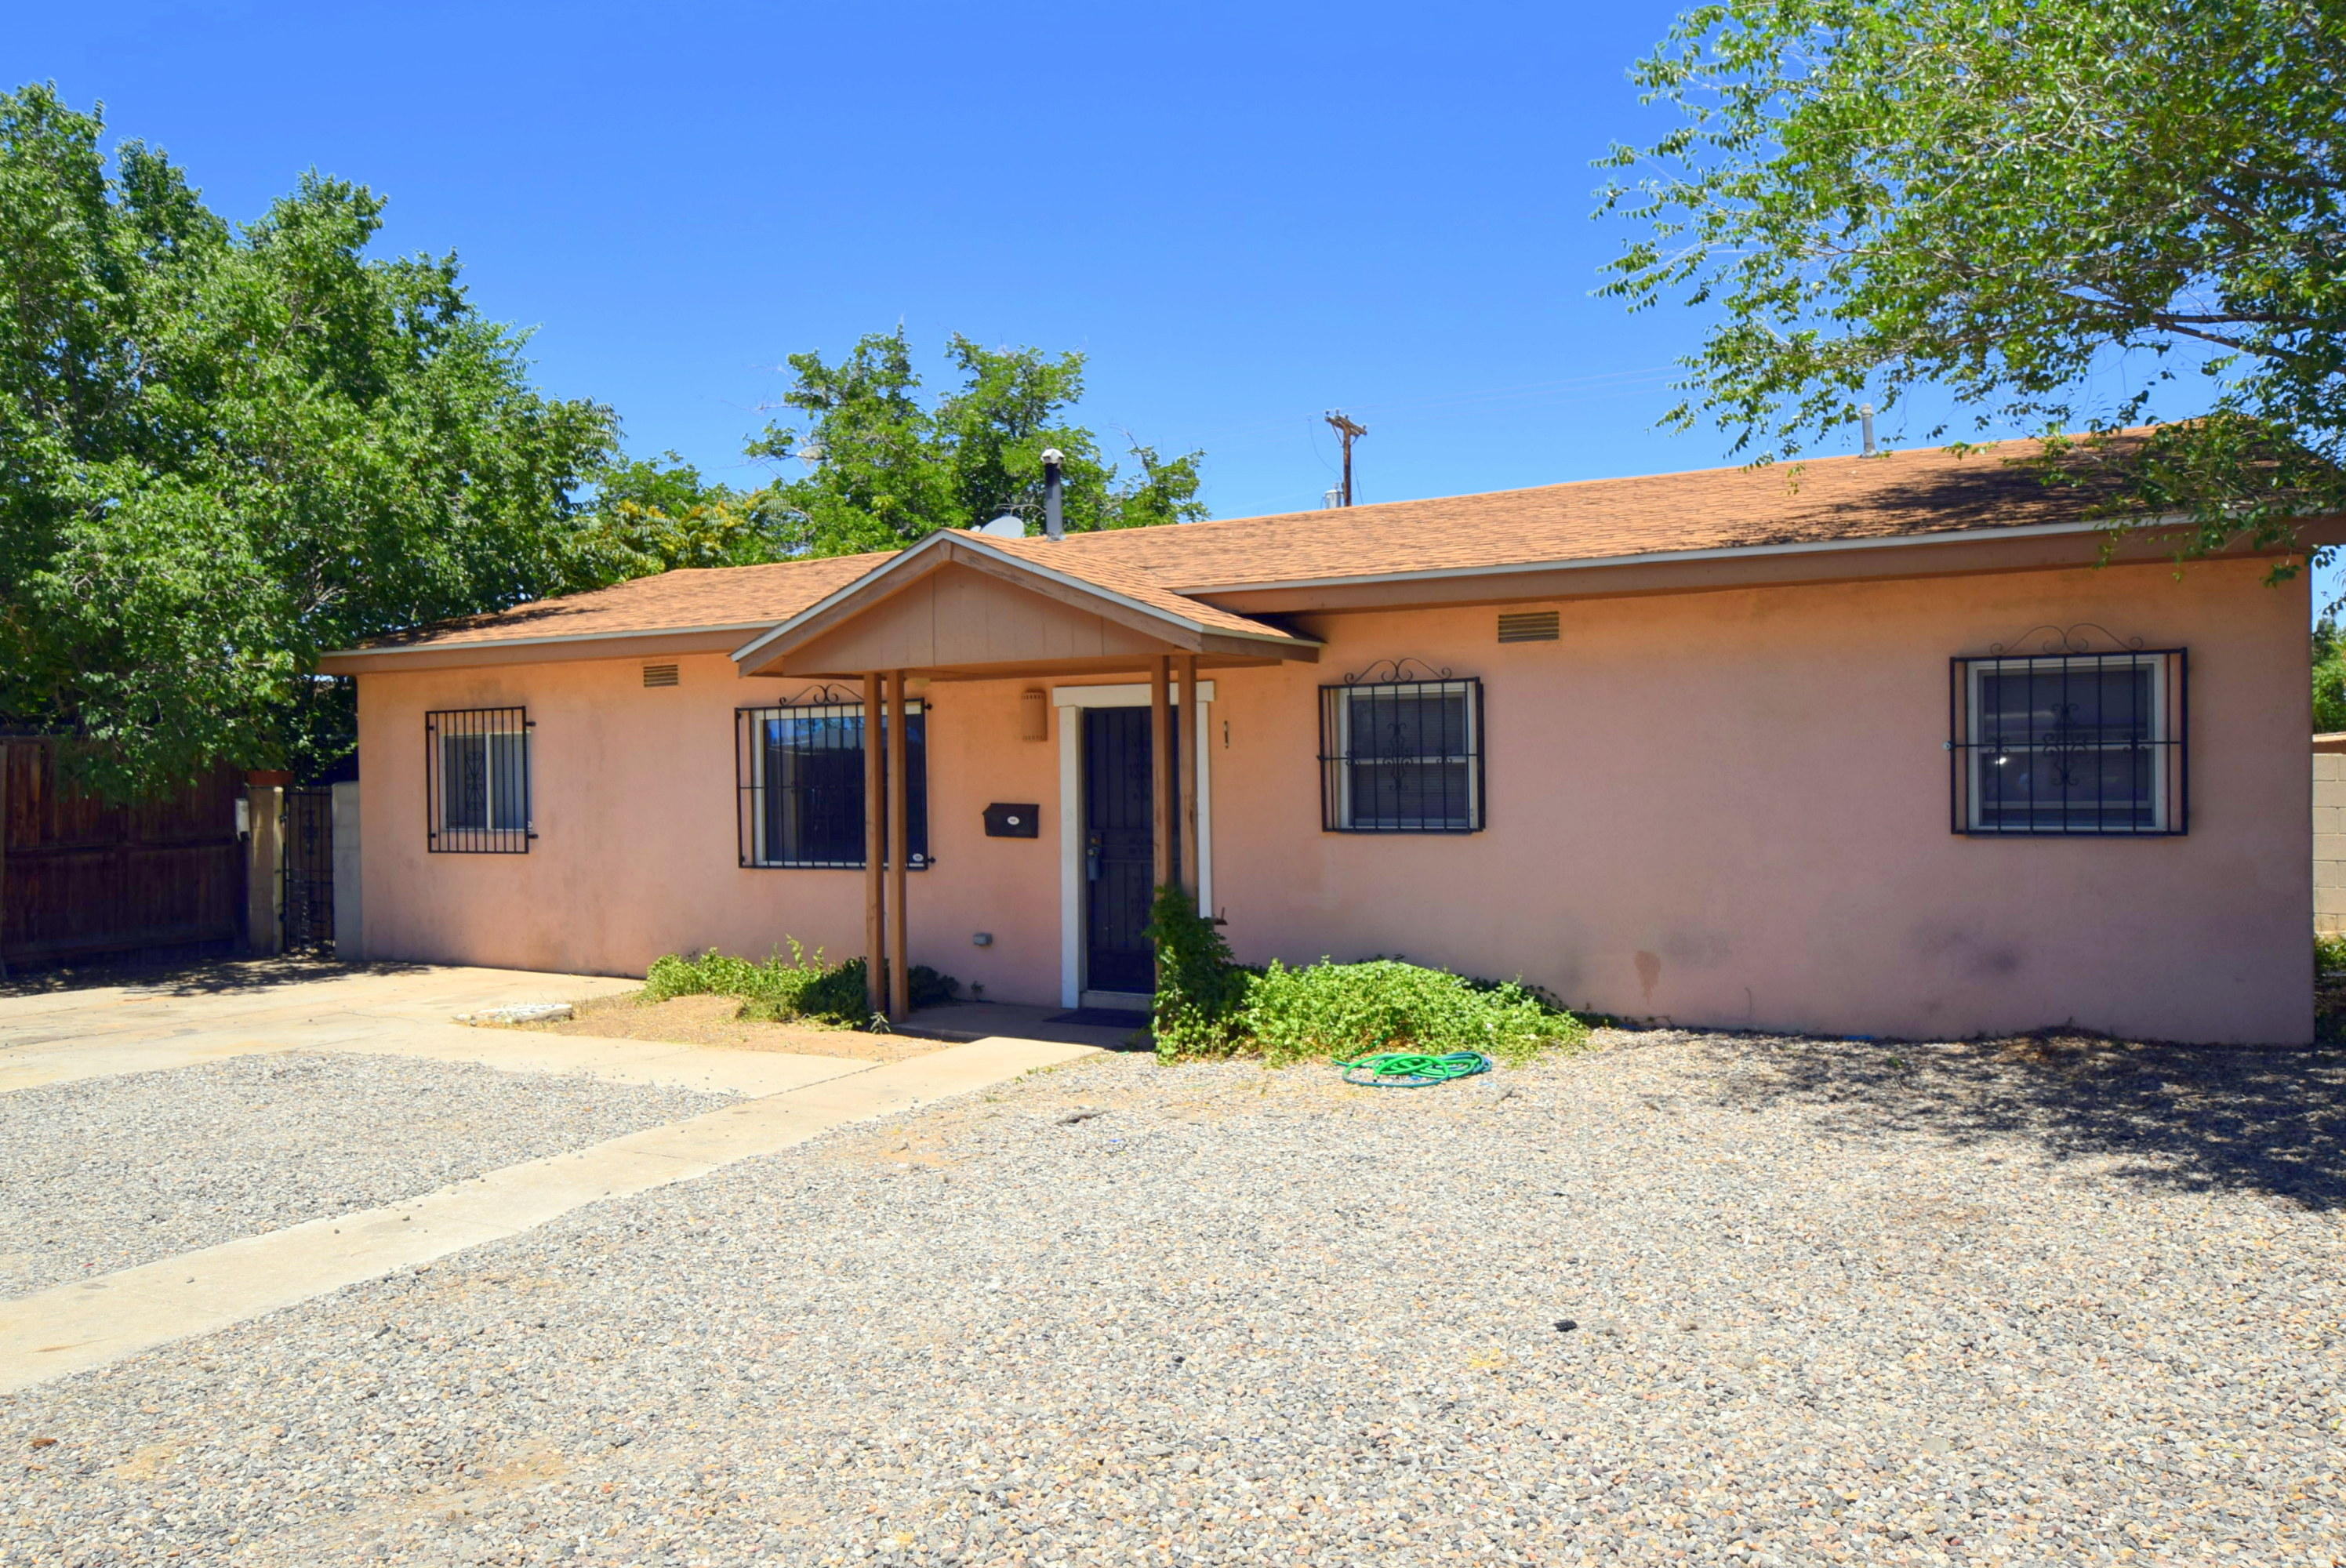 Photo of 5205 Comanche Road NE, Albuquerque, NM 87110